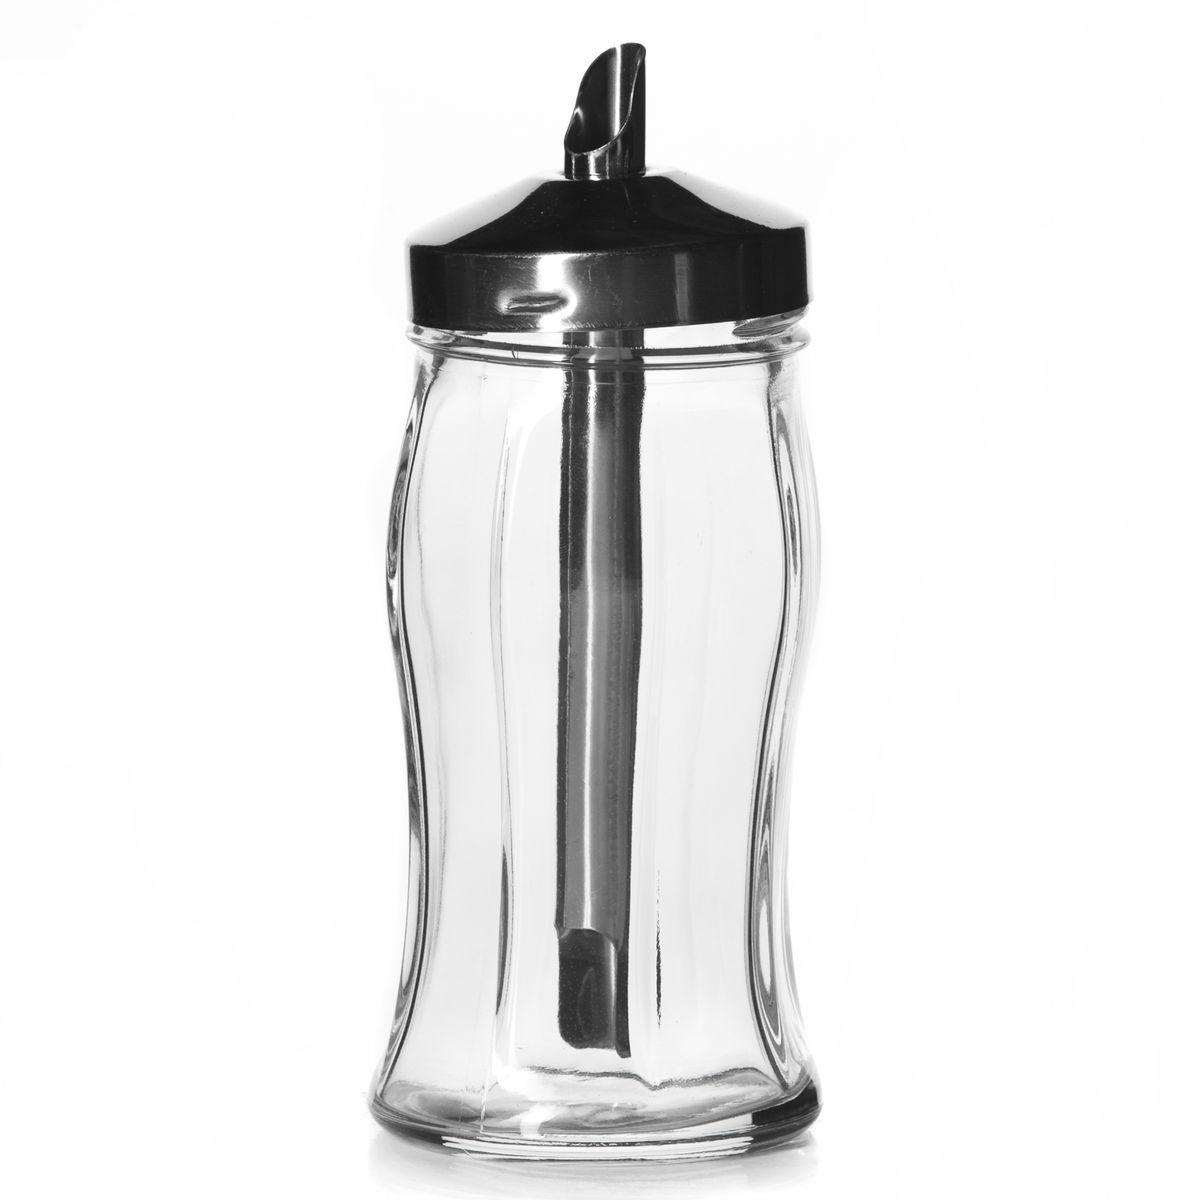 Емкость для сахара Pasabahce Black & White, 260 мл80078BЕмкость для сахара Pasabahce Black & White, изготовленная из прочного стекла, позволит хранить разнообразные сыпучие продукты, такие как сахар. Емкость оснащена закручивающейся металлической крышкой с дозатором. Емкость легка в использовании. Чтобы добавить сахар, вам нужно лишь перевернуть ее. Емкость для хранения специй станет незаменимым помощником на кухне. Можно мыть в посудомоечной машине. Объем емкости: 260 мл. Высота емкости (без учета крышки): 13 см. Диаметр емкости (по верхнему краю): 4,5 см.